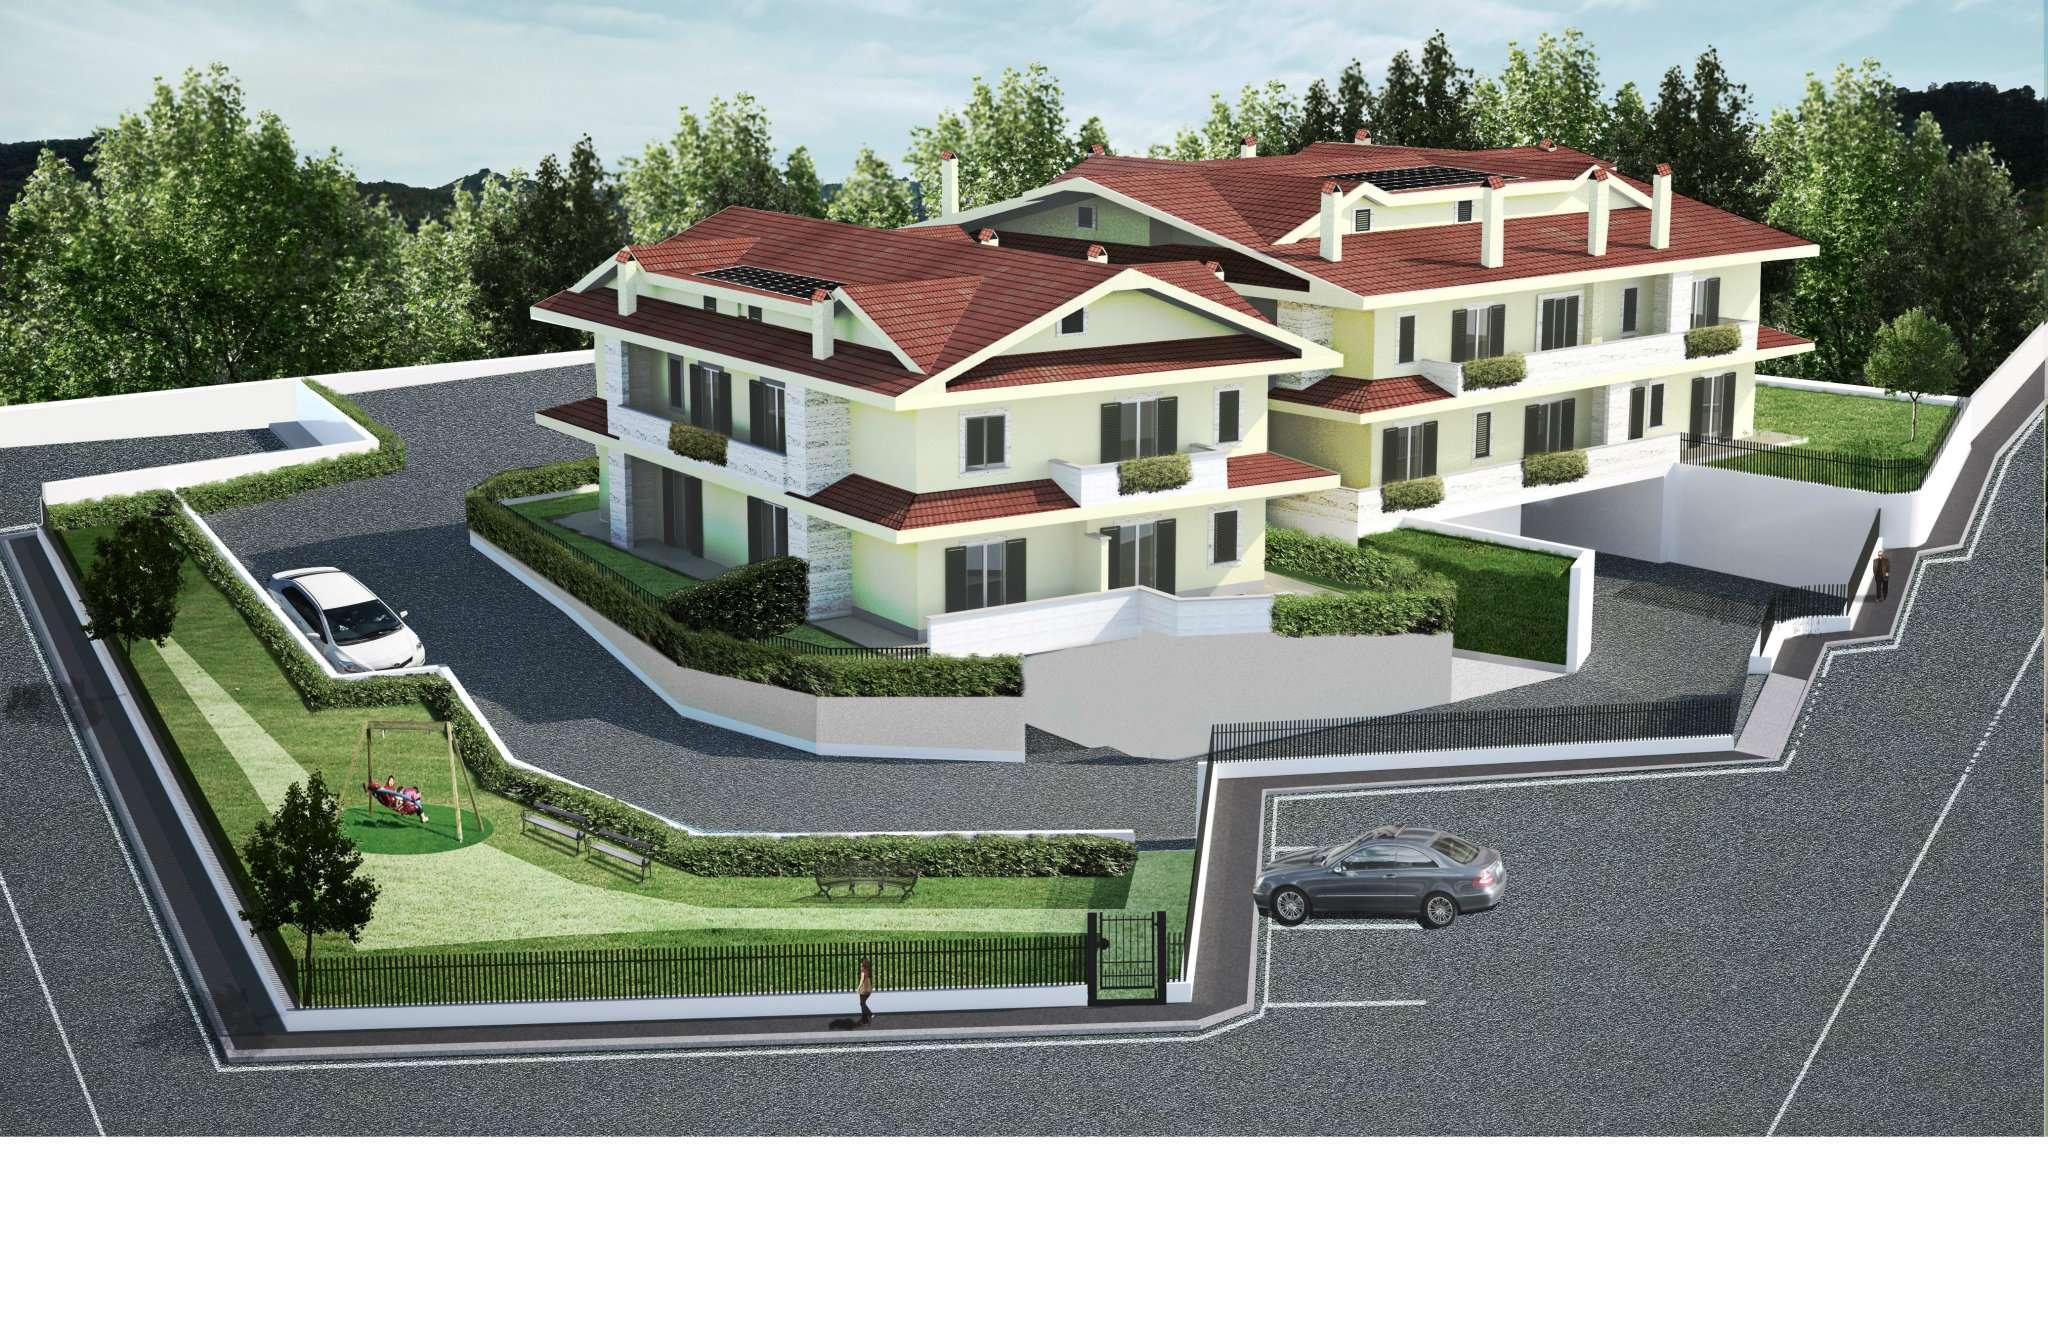 Appartamento in vendita a Lariano, 2 locali, prezzo € 105.000 | CambioCasa.it